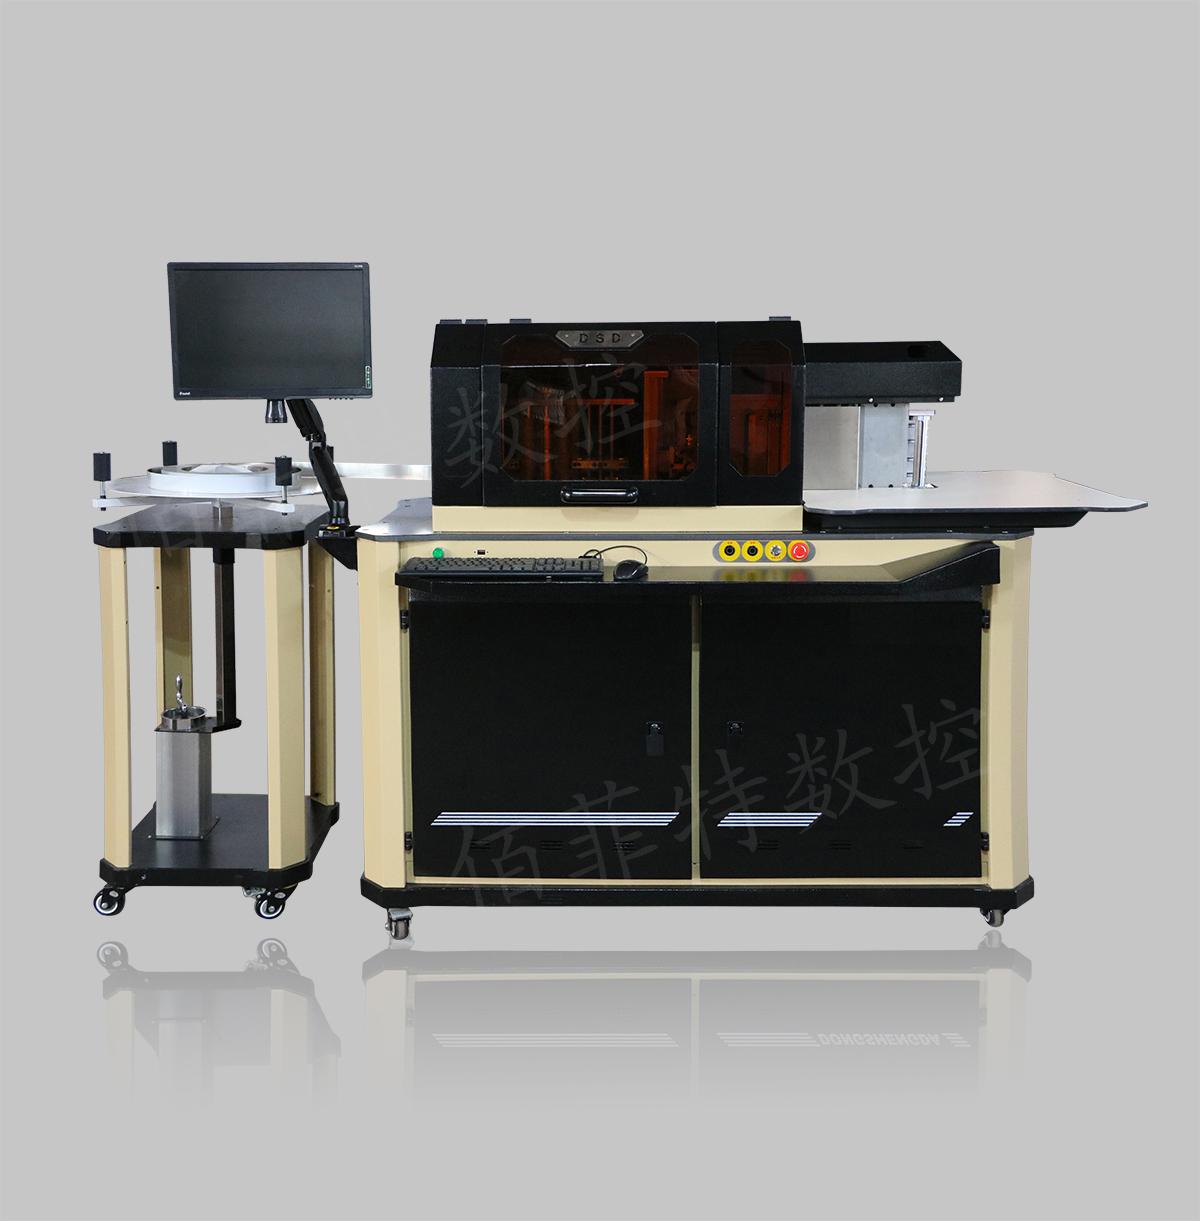 全自动多功能弯字机AL1600-130